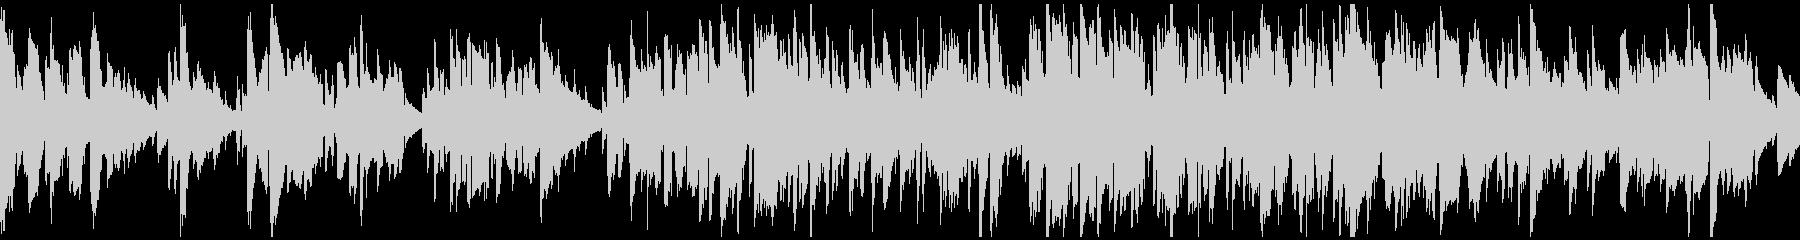 しっとり、リラックス系のジャズ※ループ版の未再生の波形